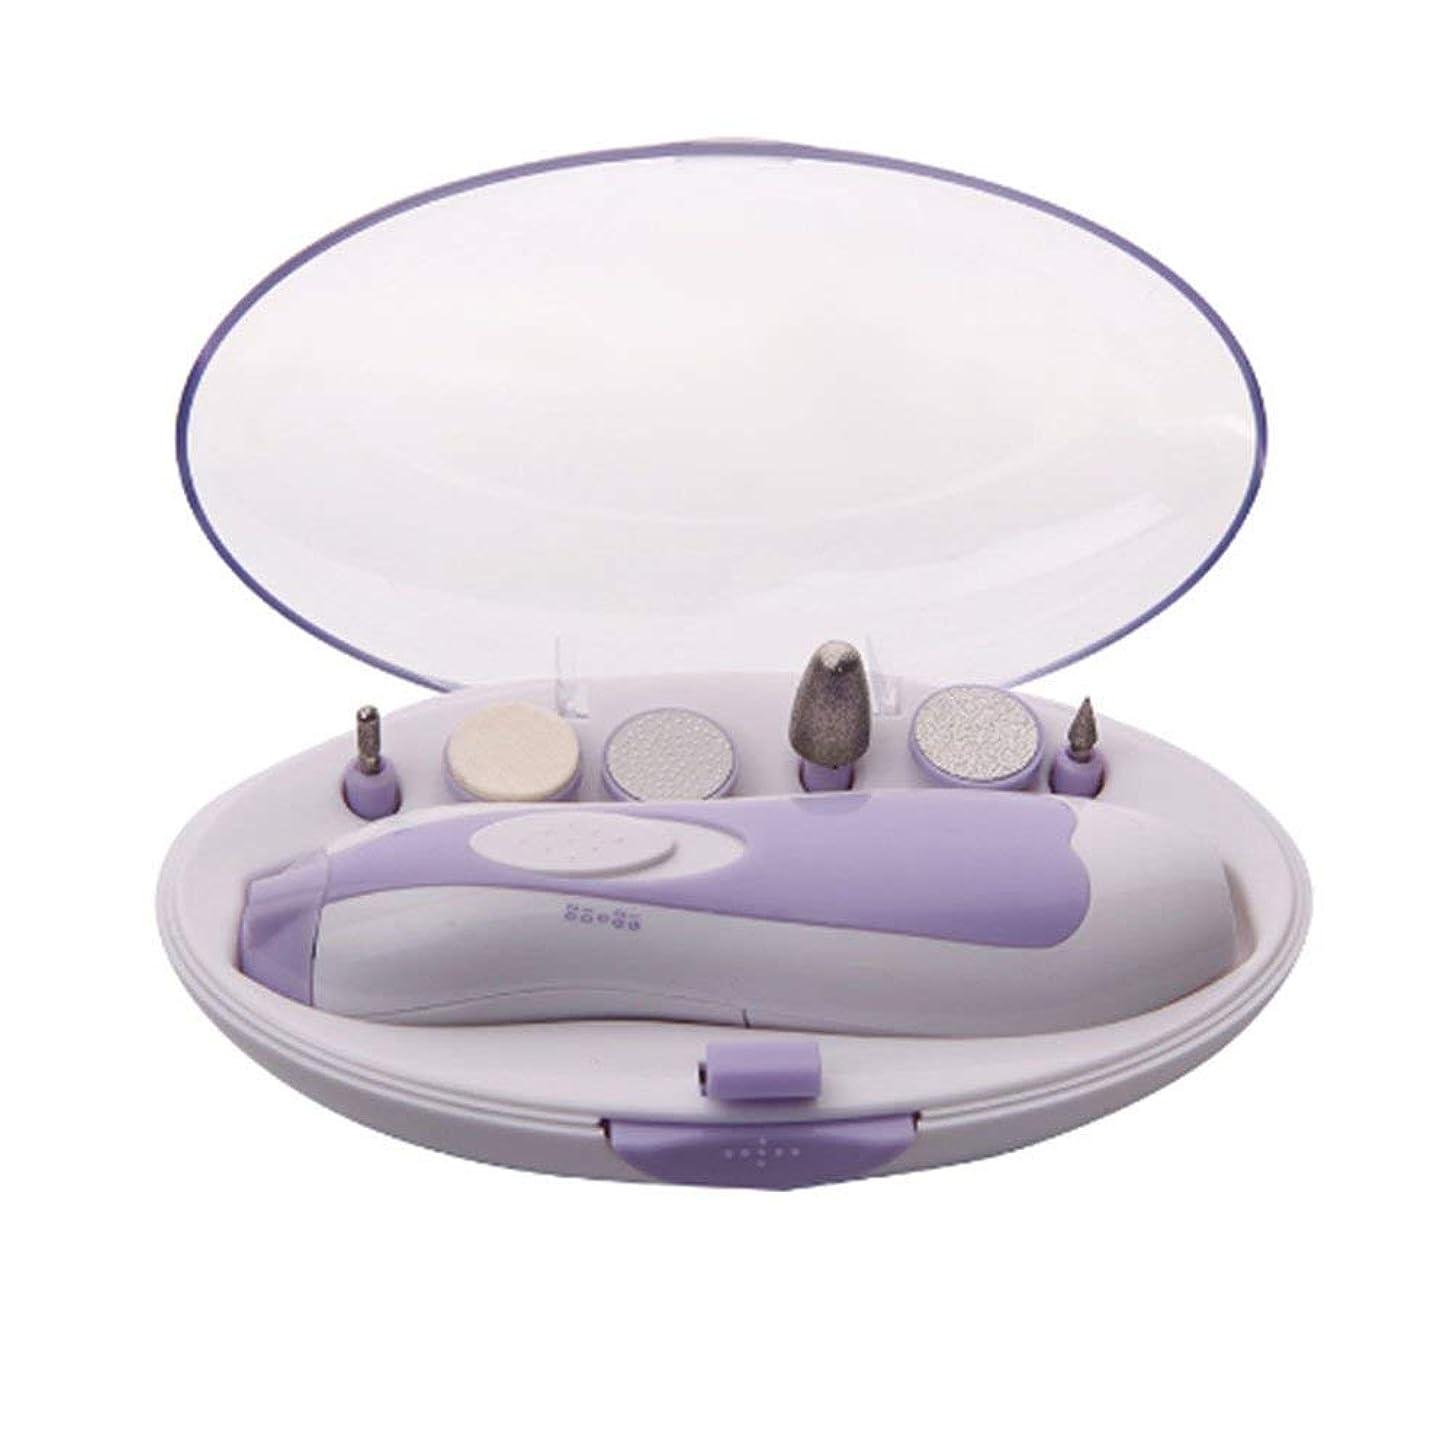 長さ簿記係有効gundoop 電動ネイルケア ネイルケアセット LEDライト搭載 アタッチメント6種類付き 角質ケア 爪やすり 爪磨き 甘皮処理 男女兼用